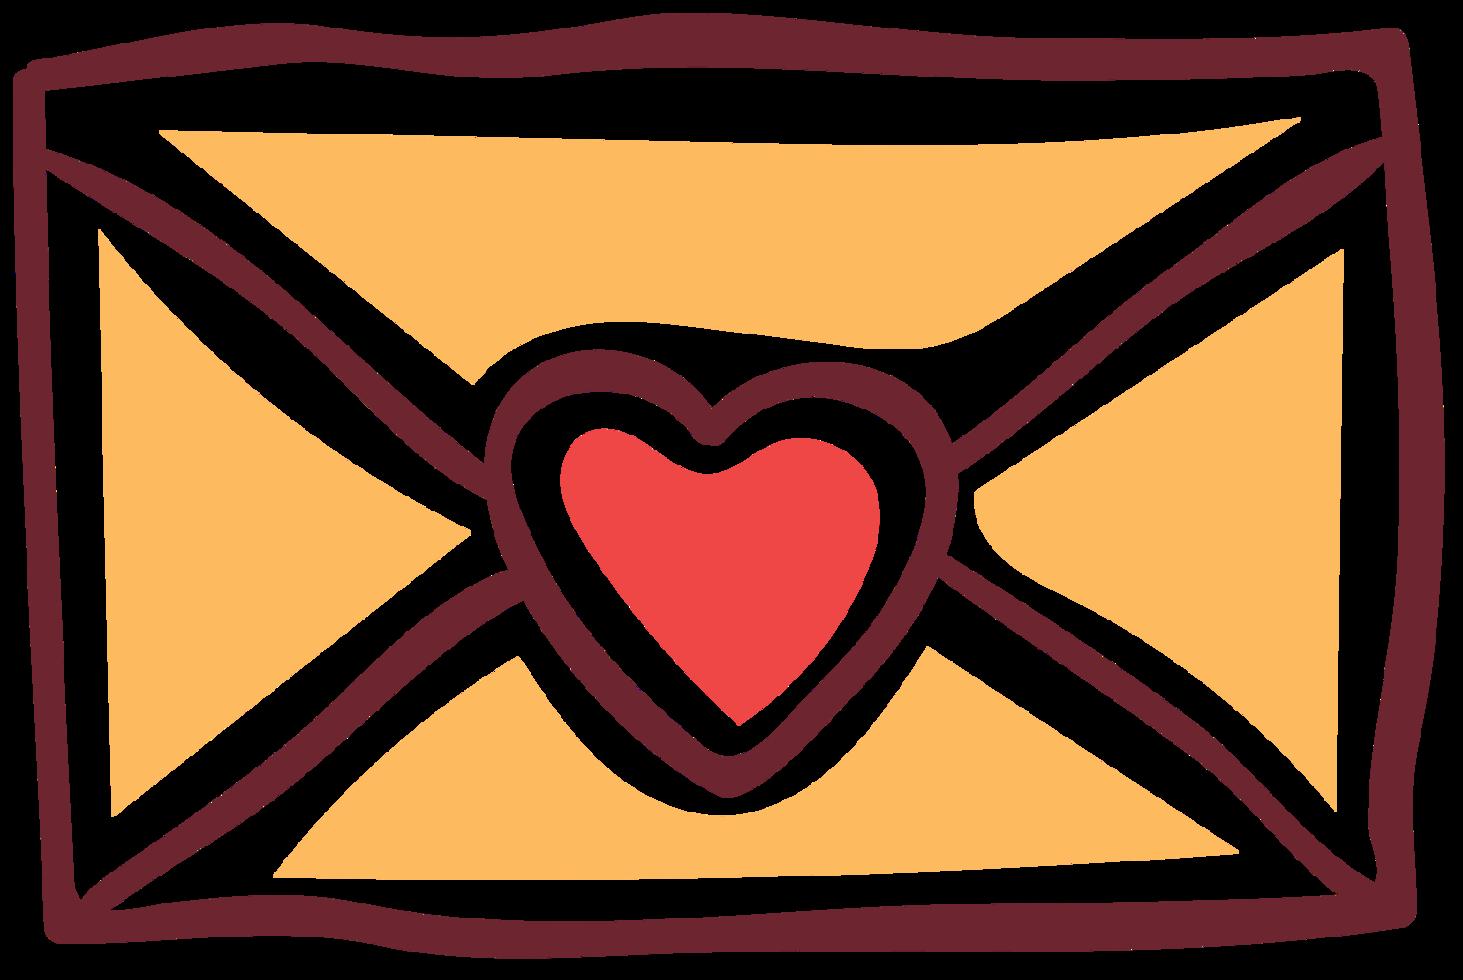 carta do coração png